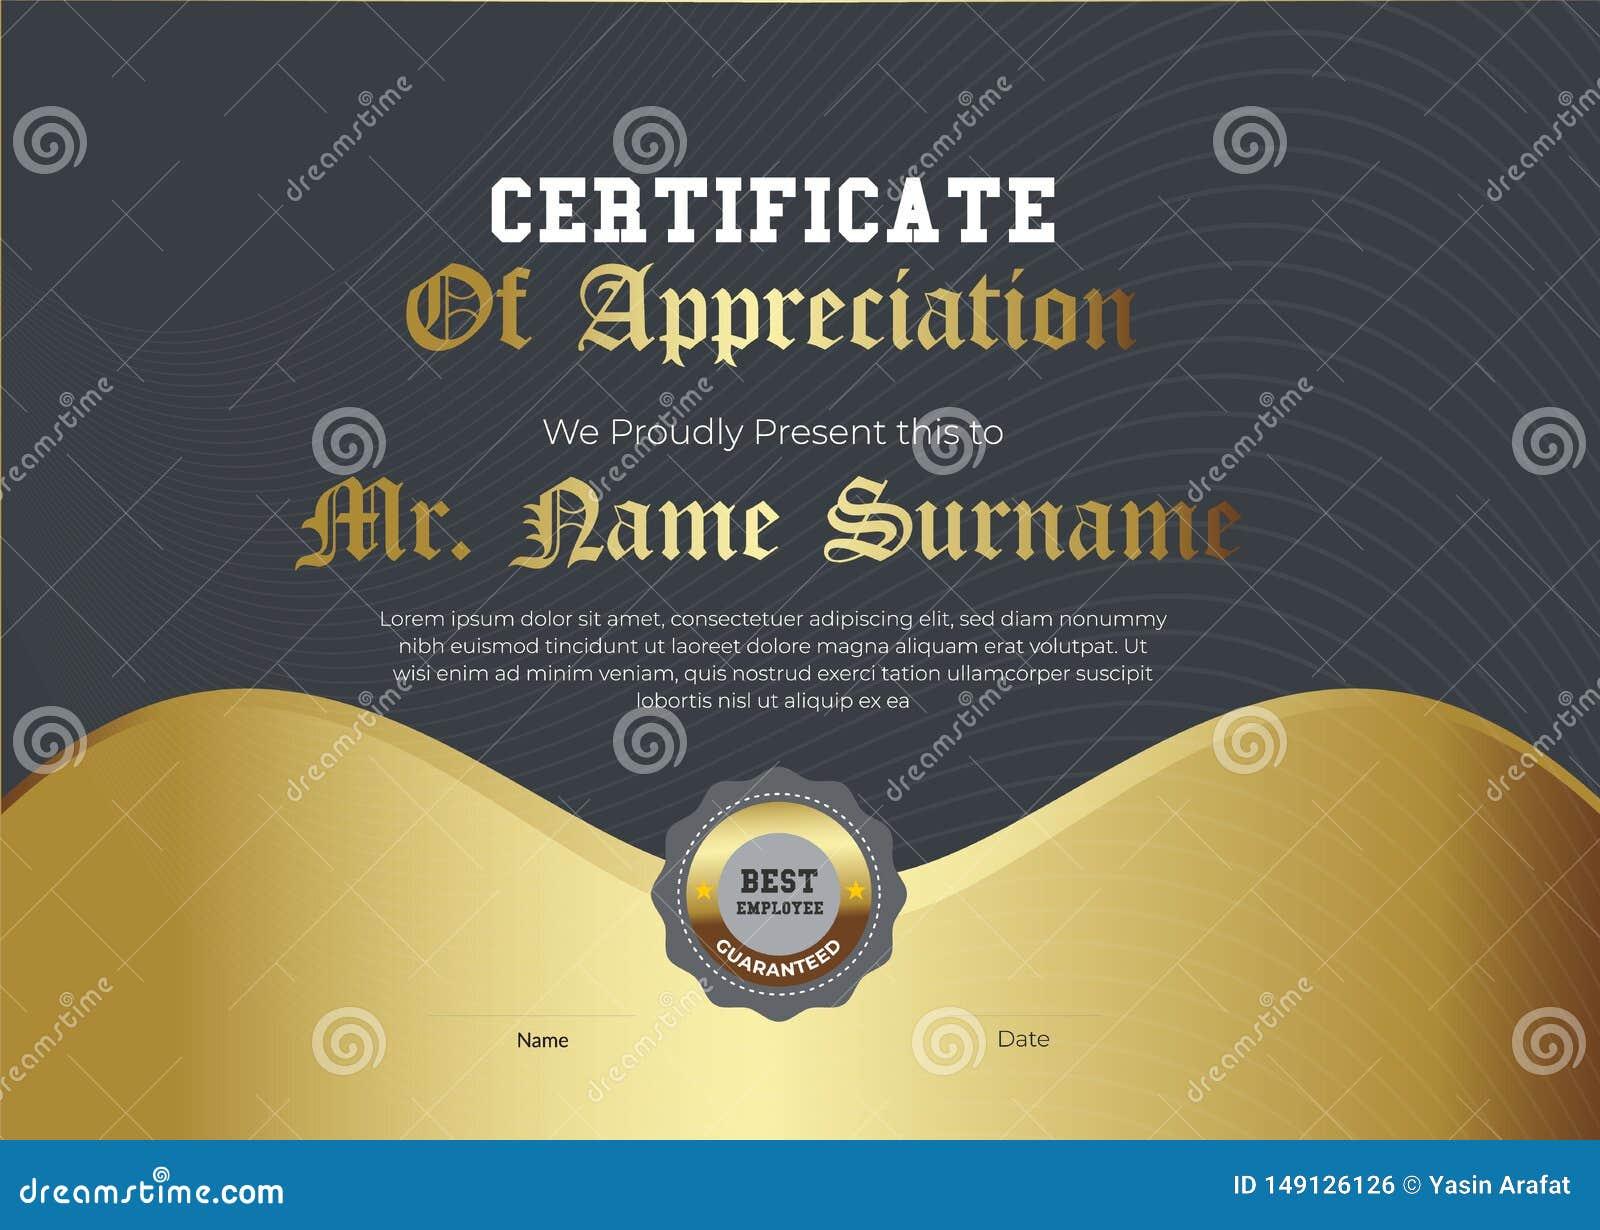 Koninklijk Gouden Certificaat van Appreciatiemalplaatje In Geometrisch Ontwerp Gelaagde eps10-vector - Het vector